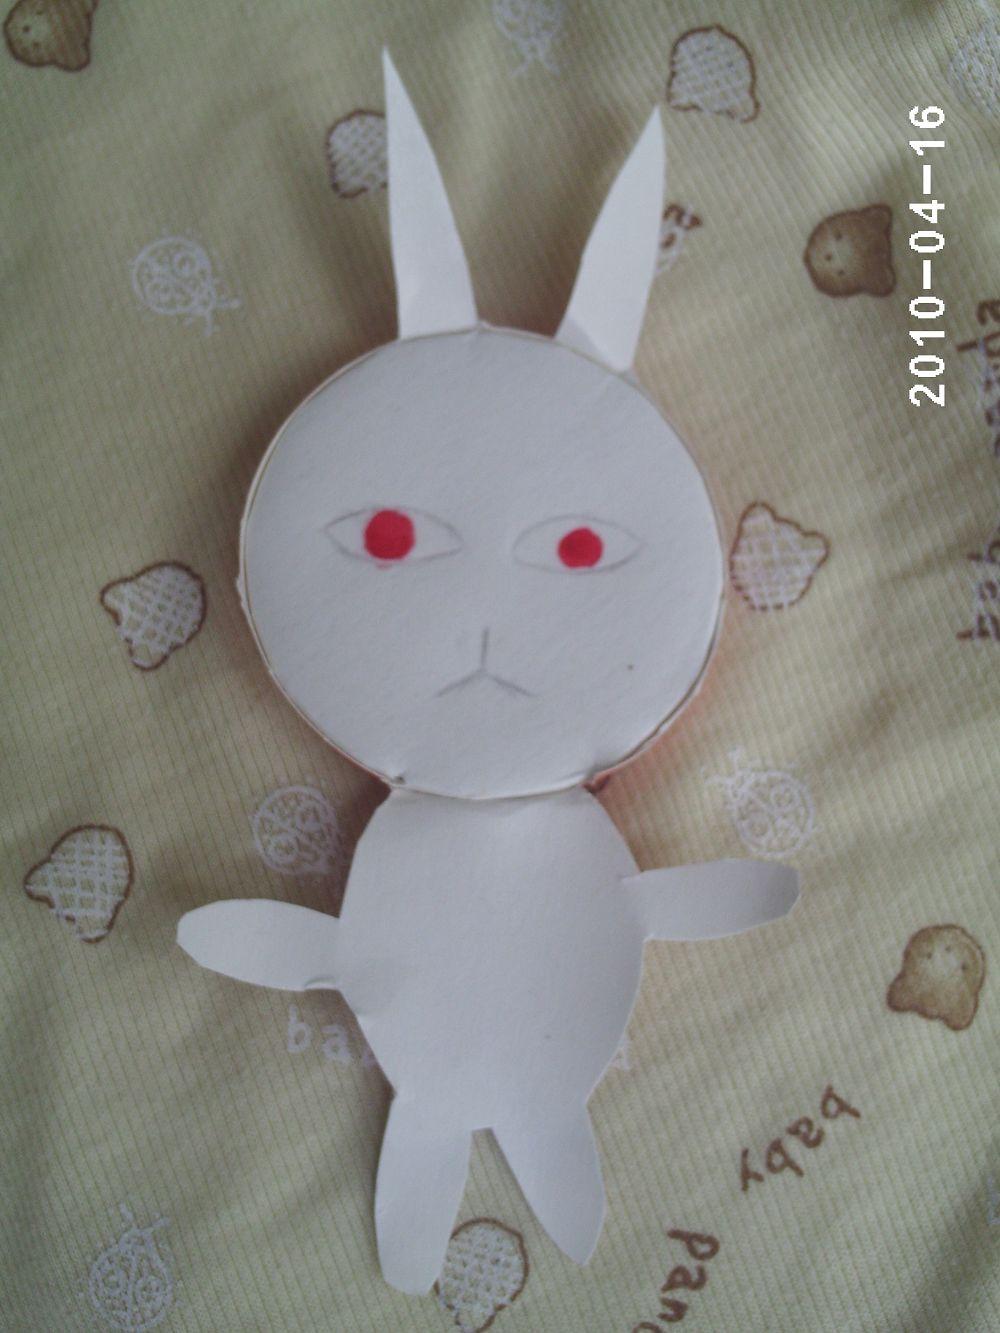 准备了无数天后,终于做好了一个:loveliness: !其实早就做好了两个,只是上传时才仔细读了要求,原来只要小动物,我做的都不是小动物,没办法,只好又重新去做了:$ 。纸杯的里面都是白色的,做小白兔最合适不过了,就做个小白兔吧!看看我的过程和作品吧: 这是需要的工具: